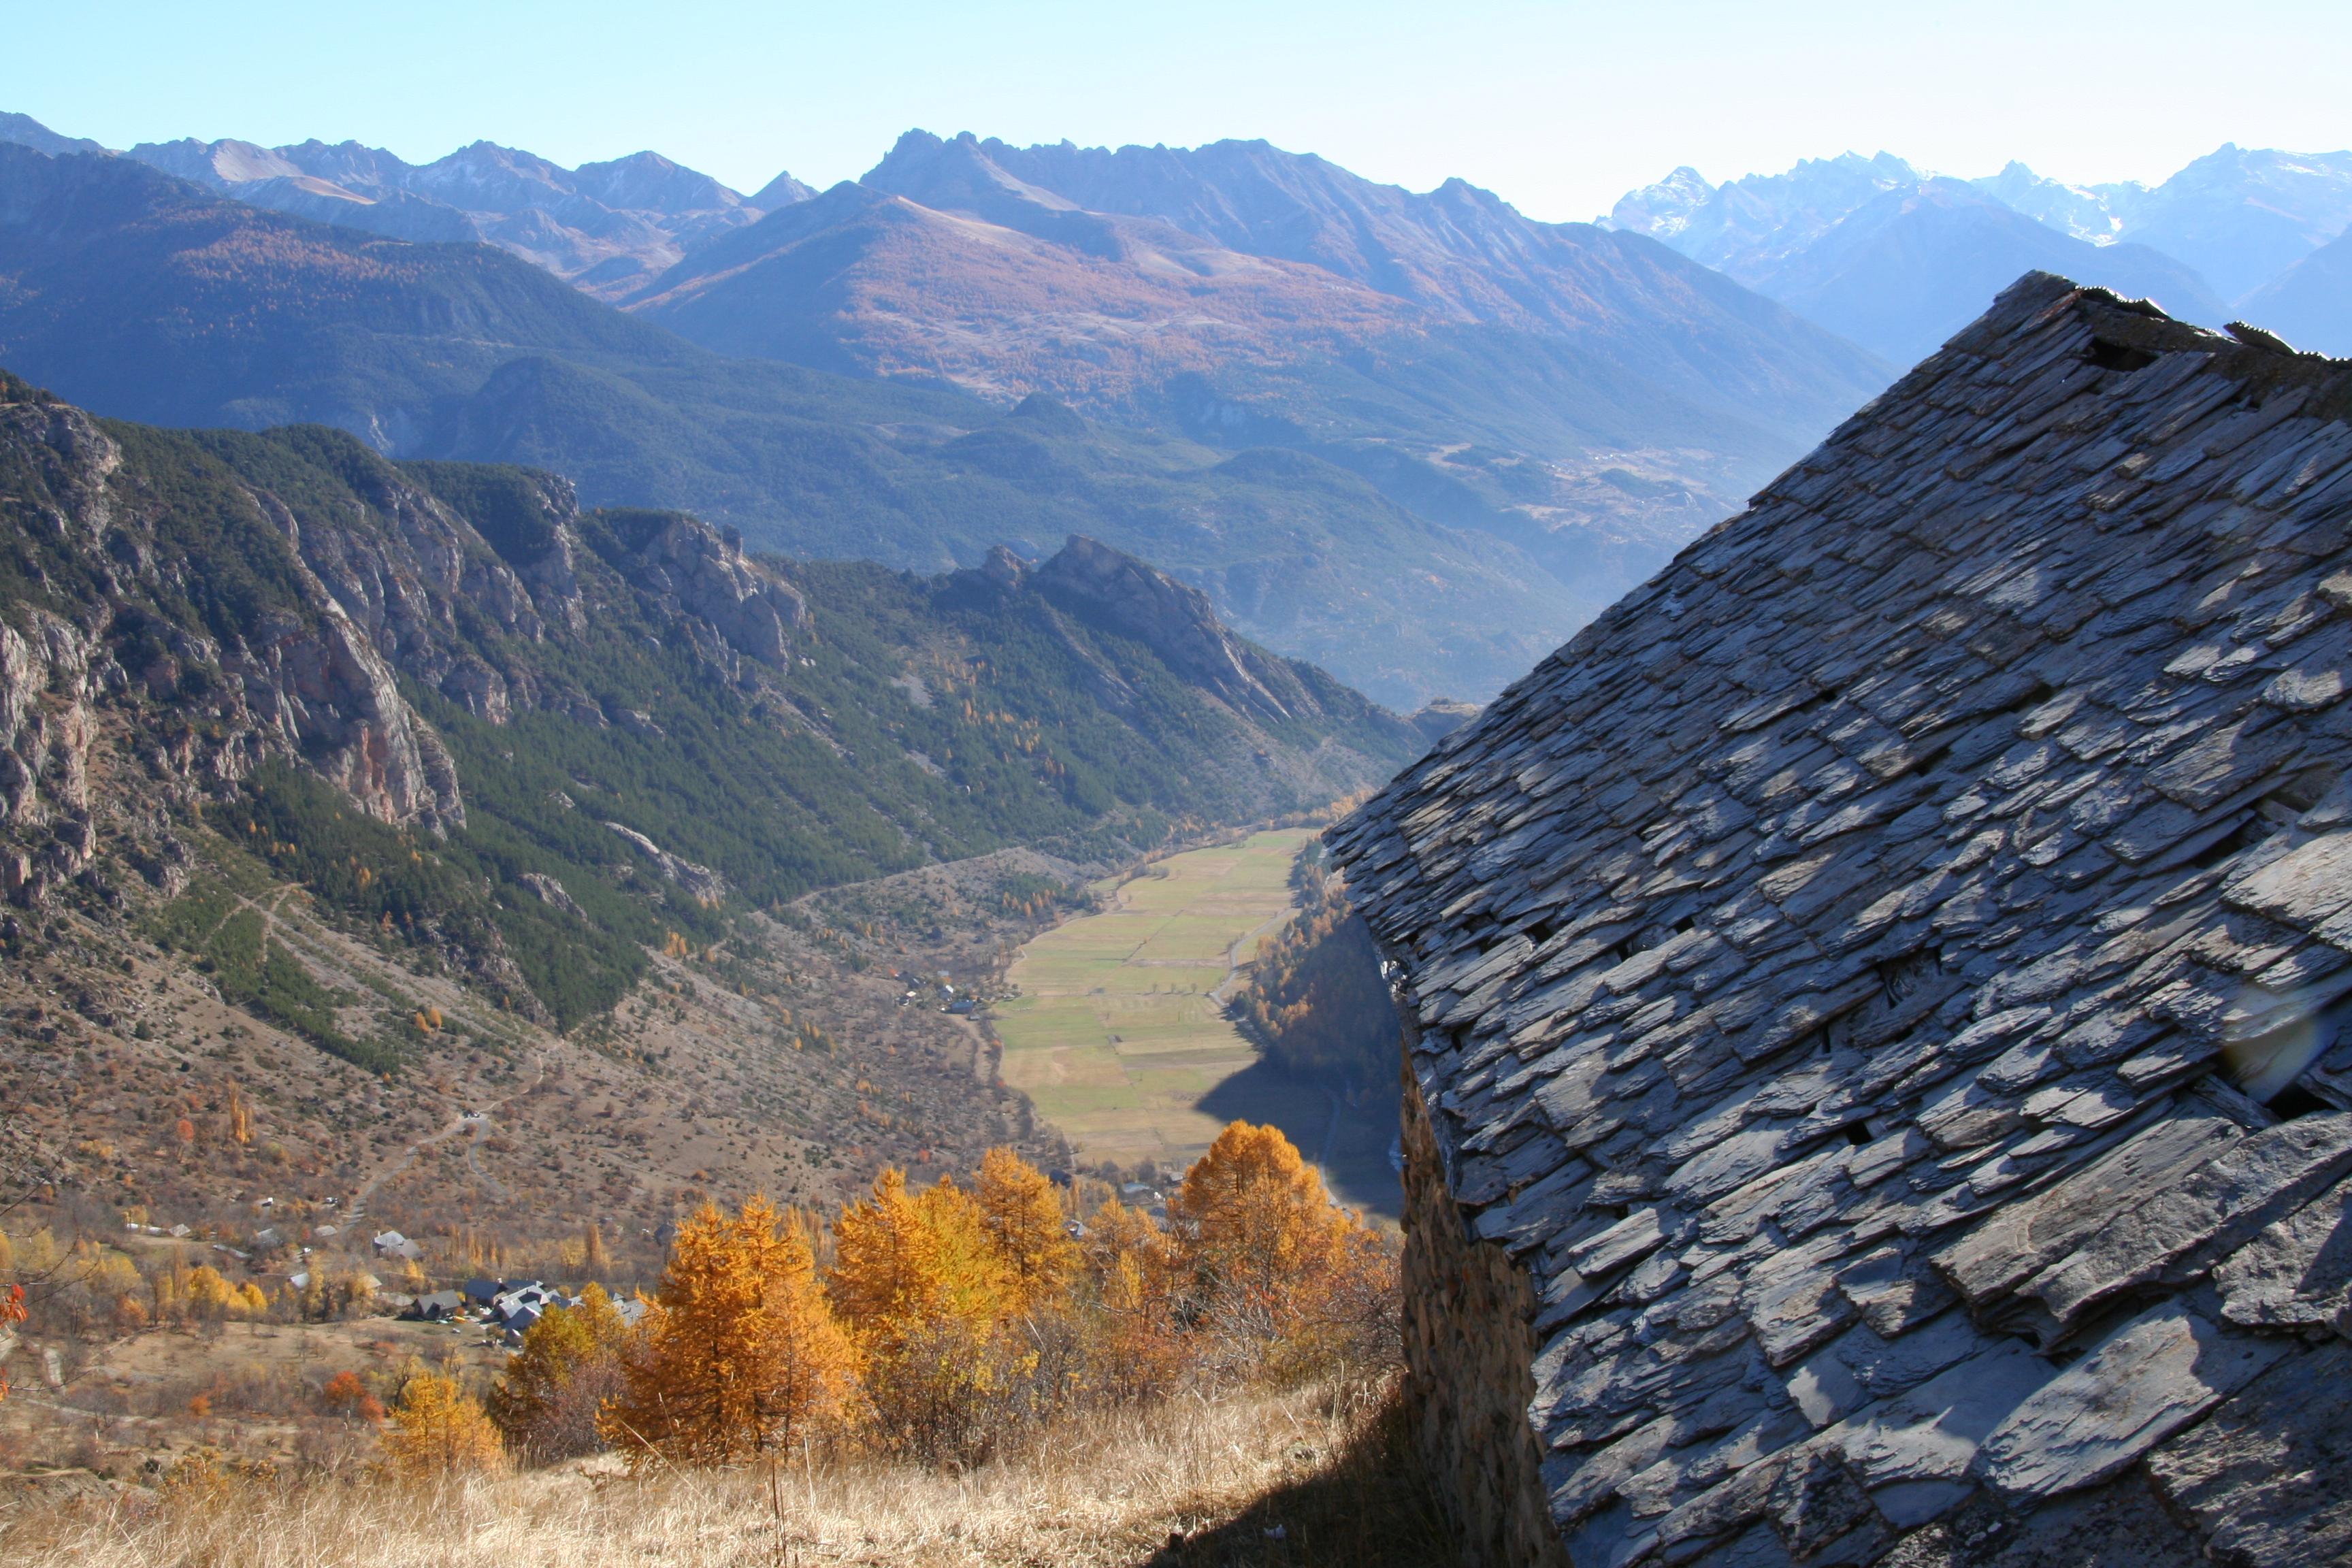 Sentier des alpages - Freissinières ©Jean-Philippe Telmon - Parc national des Ecrins